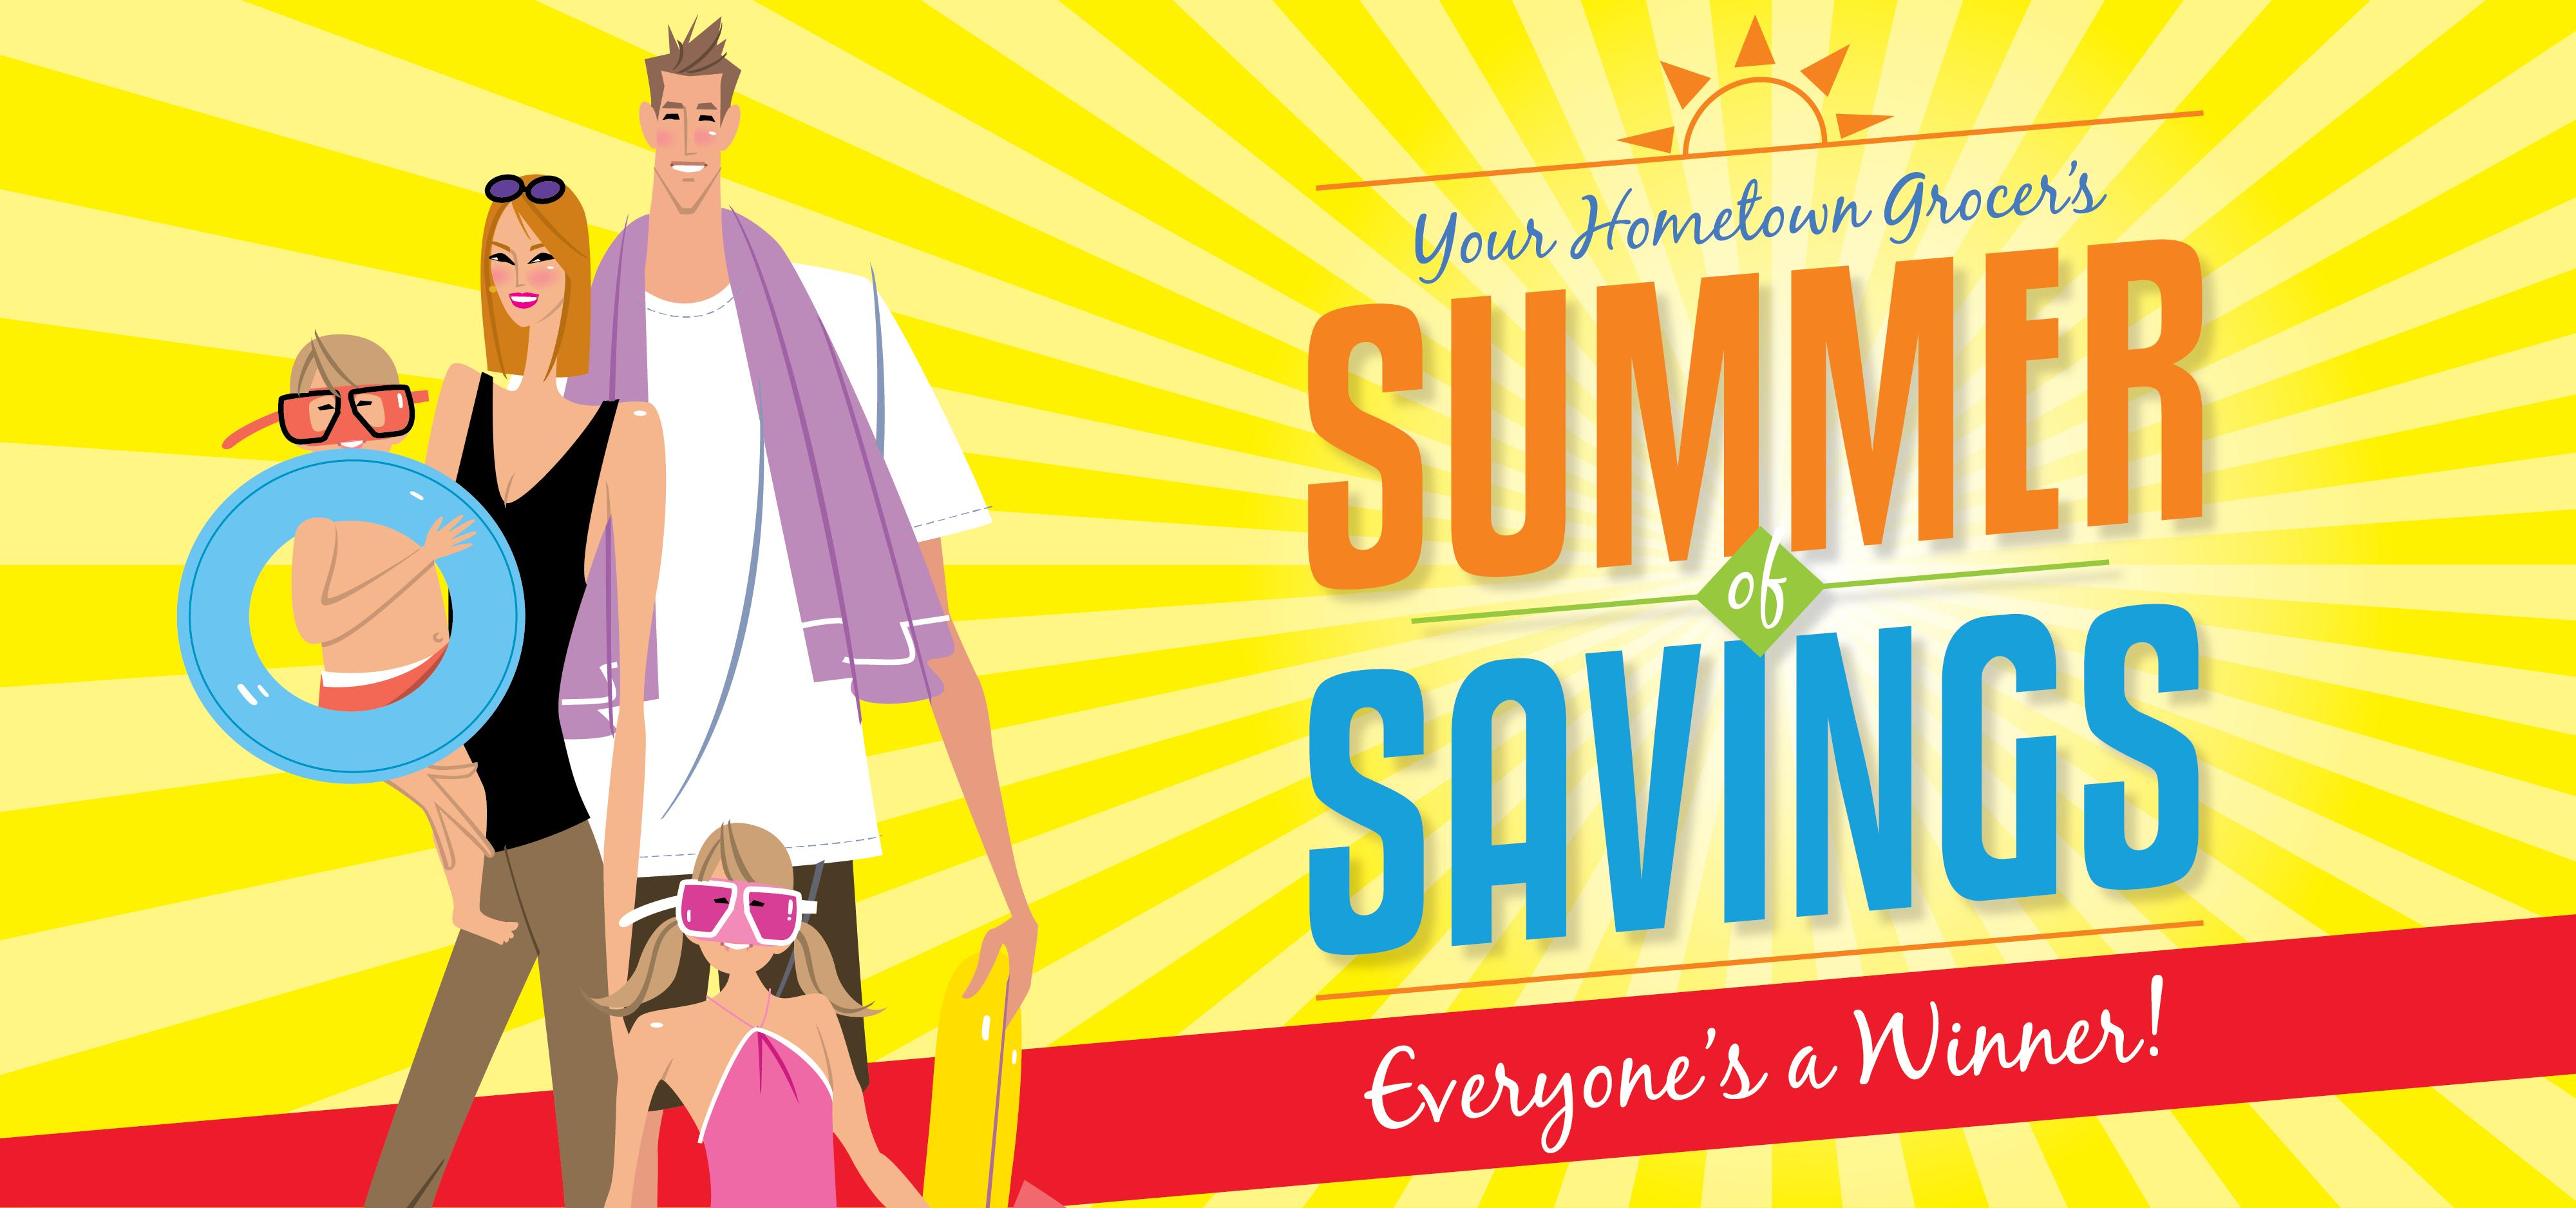 Summer of Savings Winners